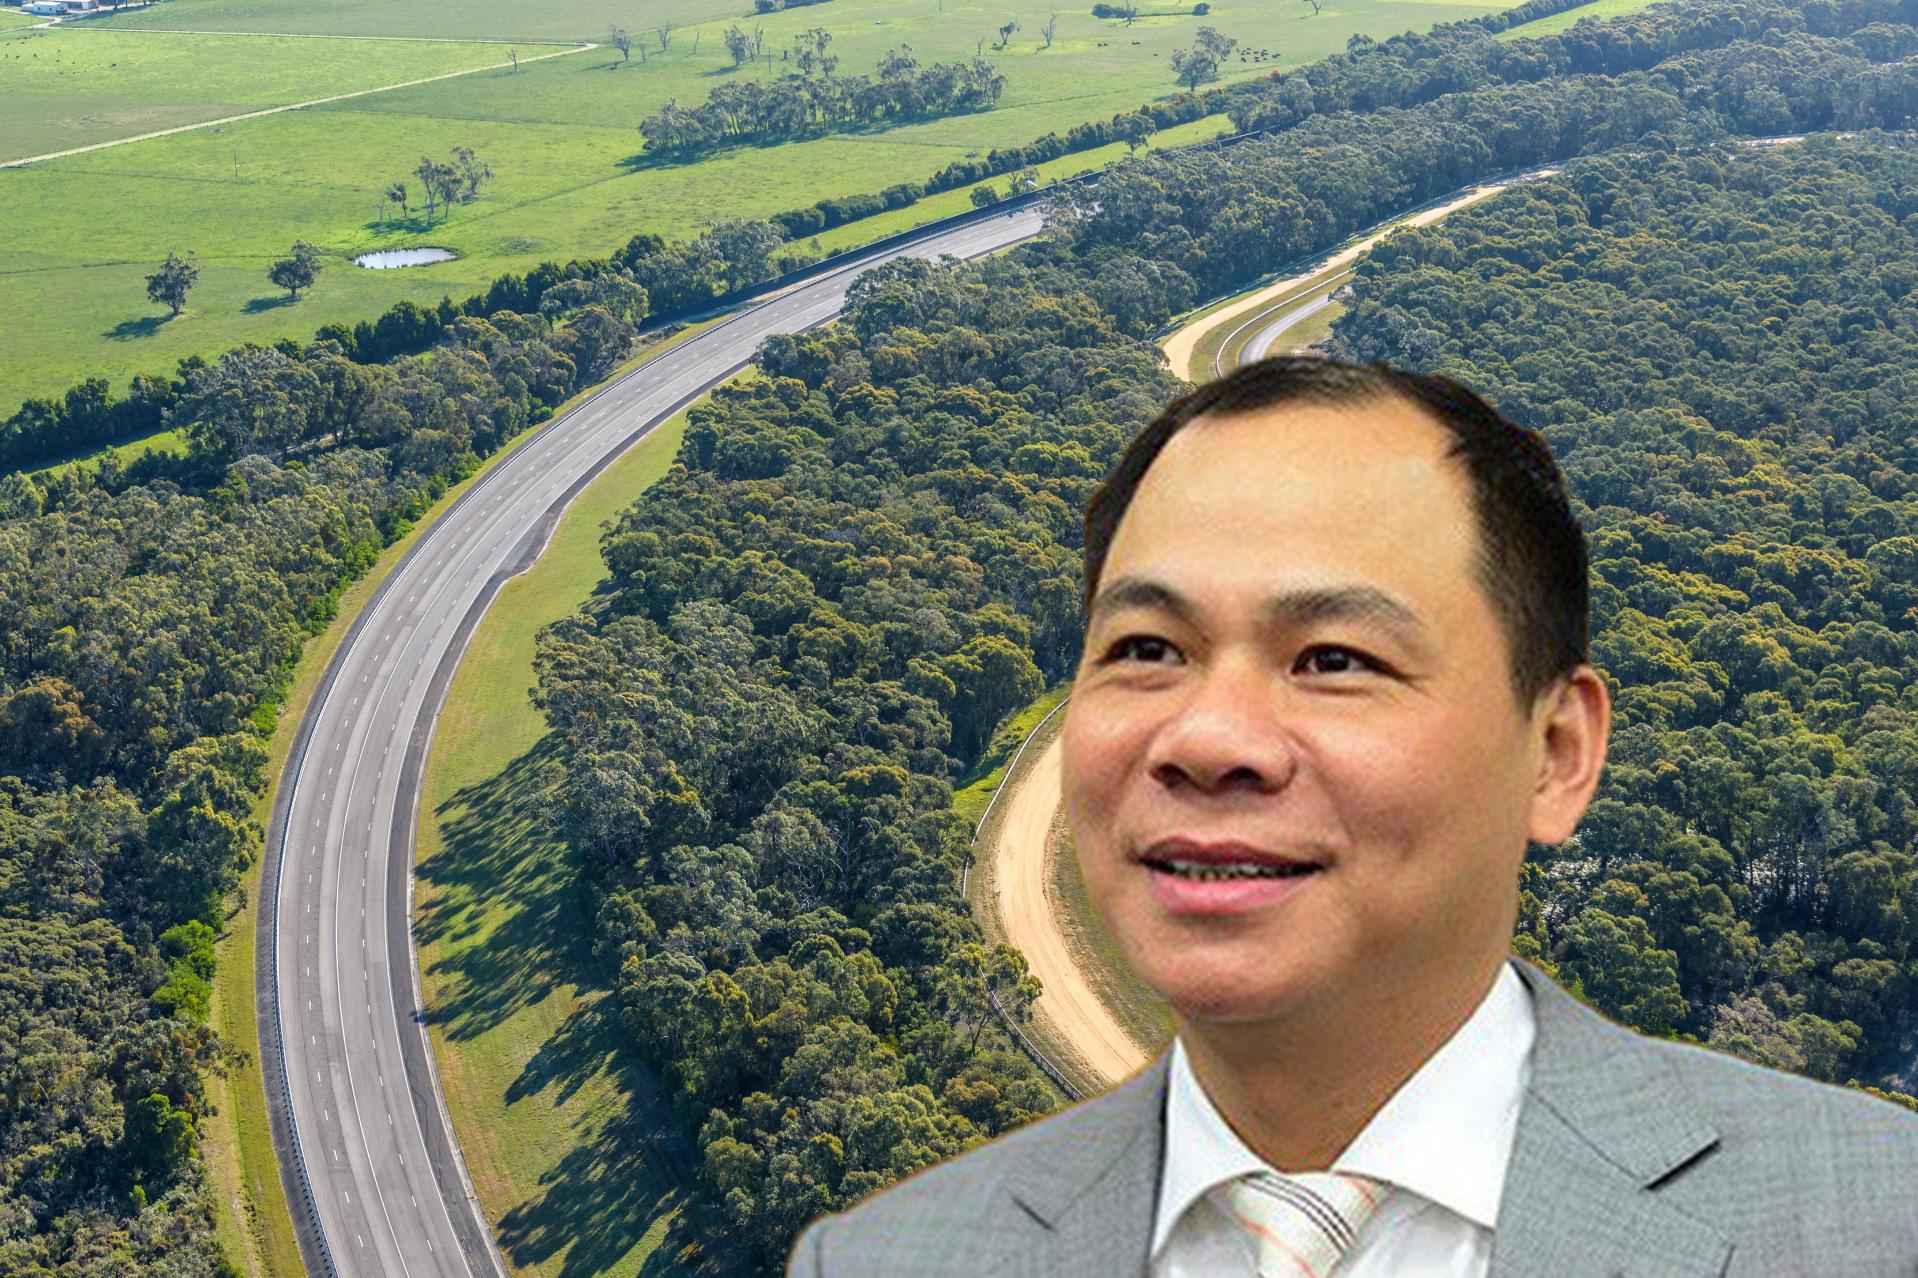 VinFast chính thức mua lại trung tâm thử nghiệm ô tô của GM tại Úc - Bàn đạp đưa hãng xe Việt ra thế giới